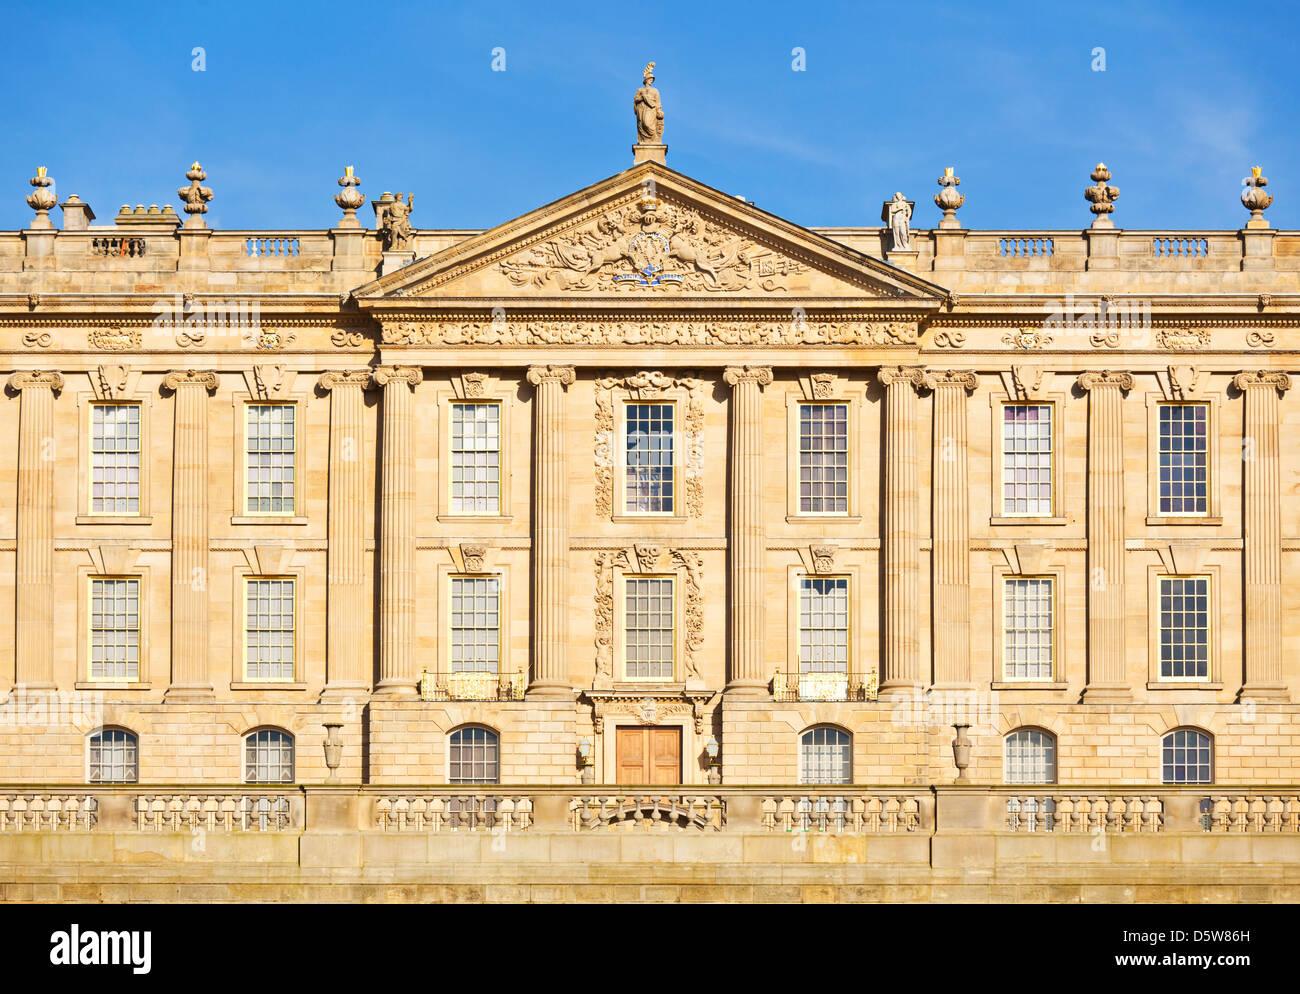 Chatsworth House, Derbyshire, England, UK, GB, EU, Europe - Stock Image